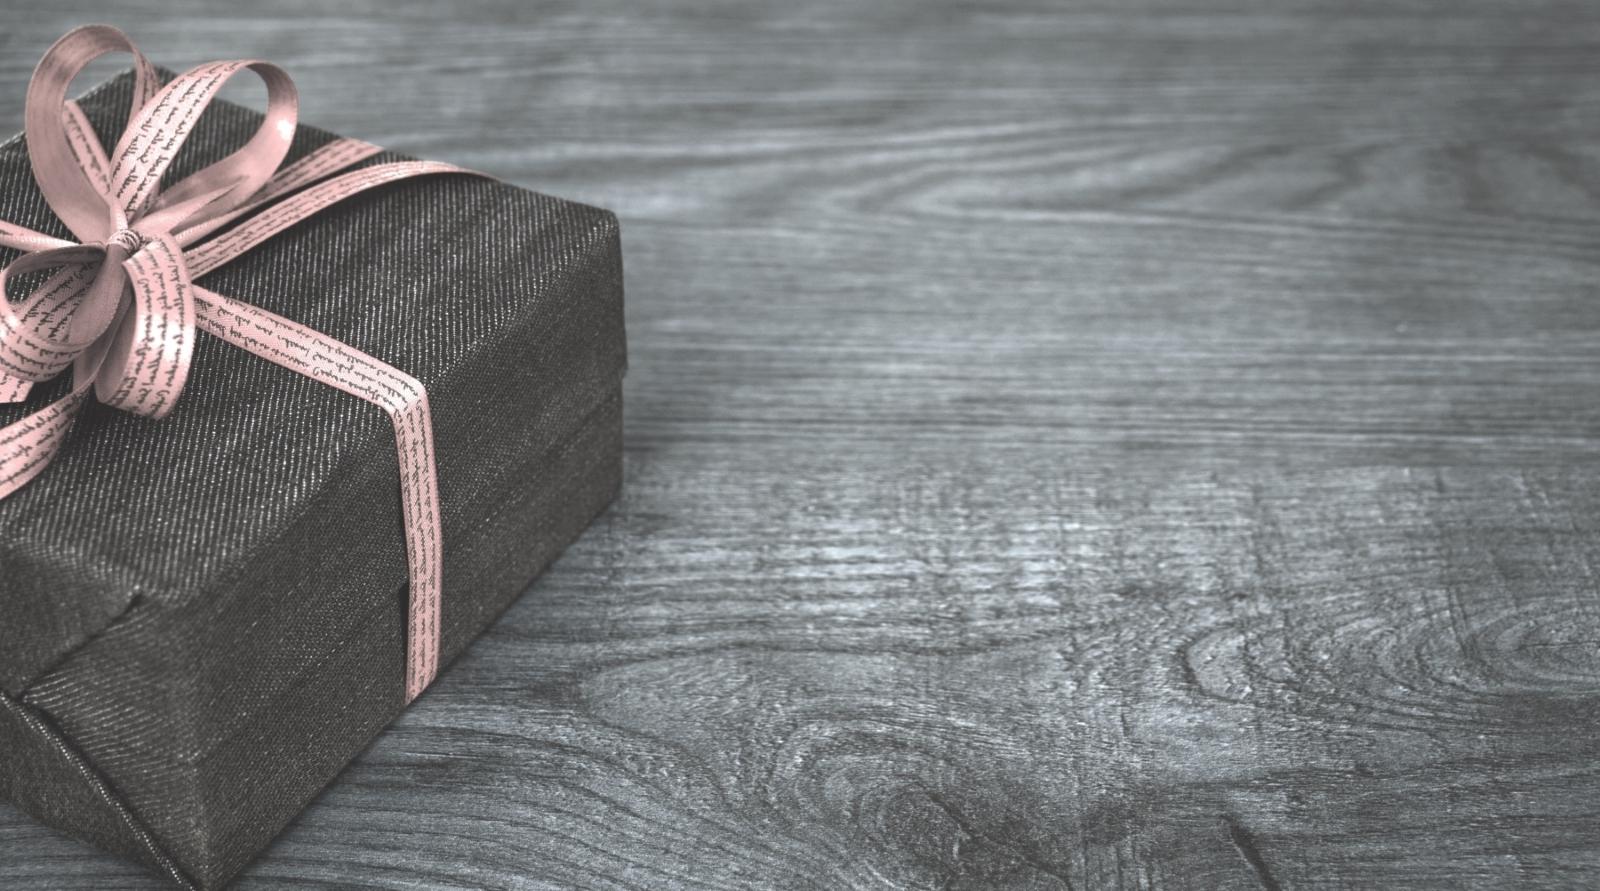 Geschenke mit Wein - Geschenksets & Präsentkörbe online kaufen